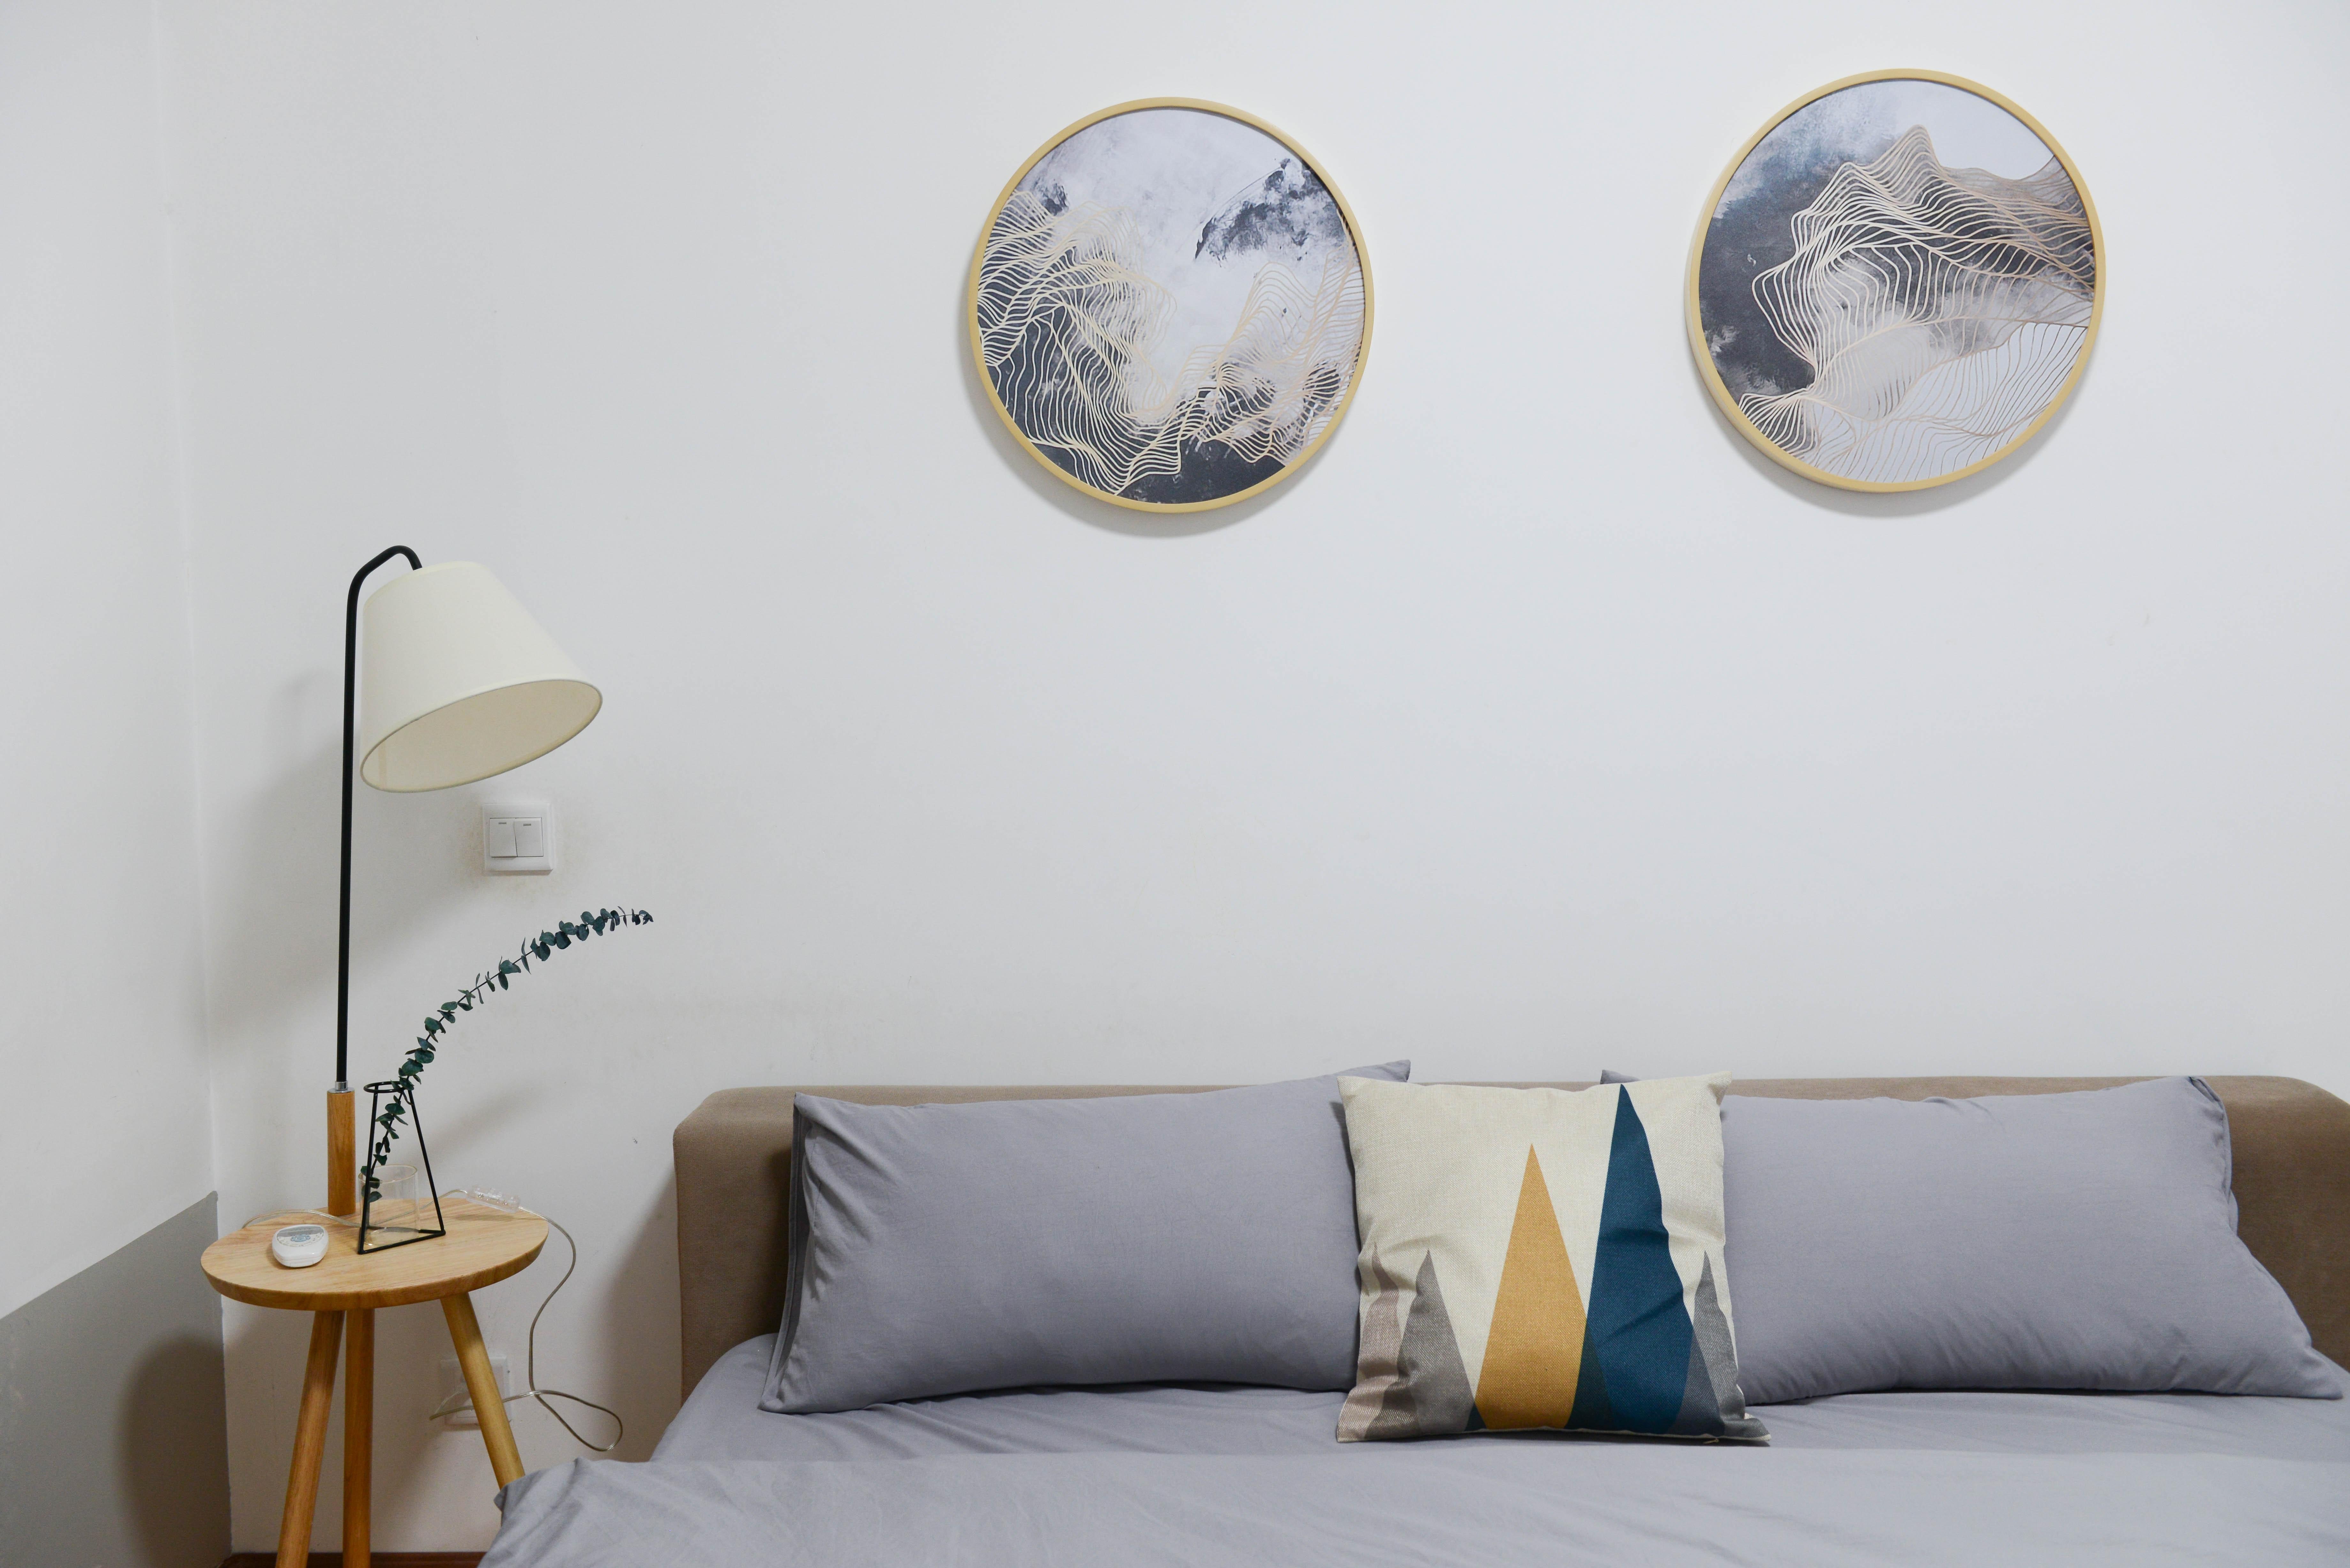 理想のお部屋をイメージして実現させよう!一人暮らしの模様替えのコツ